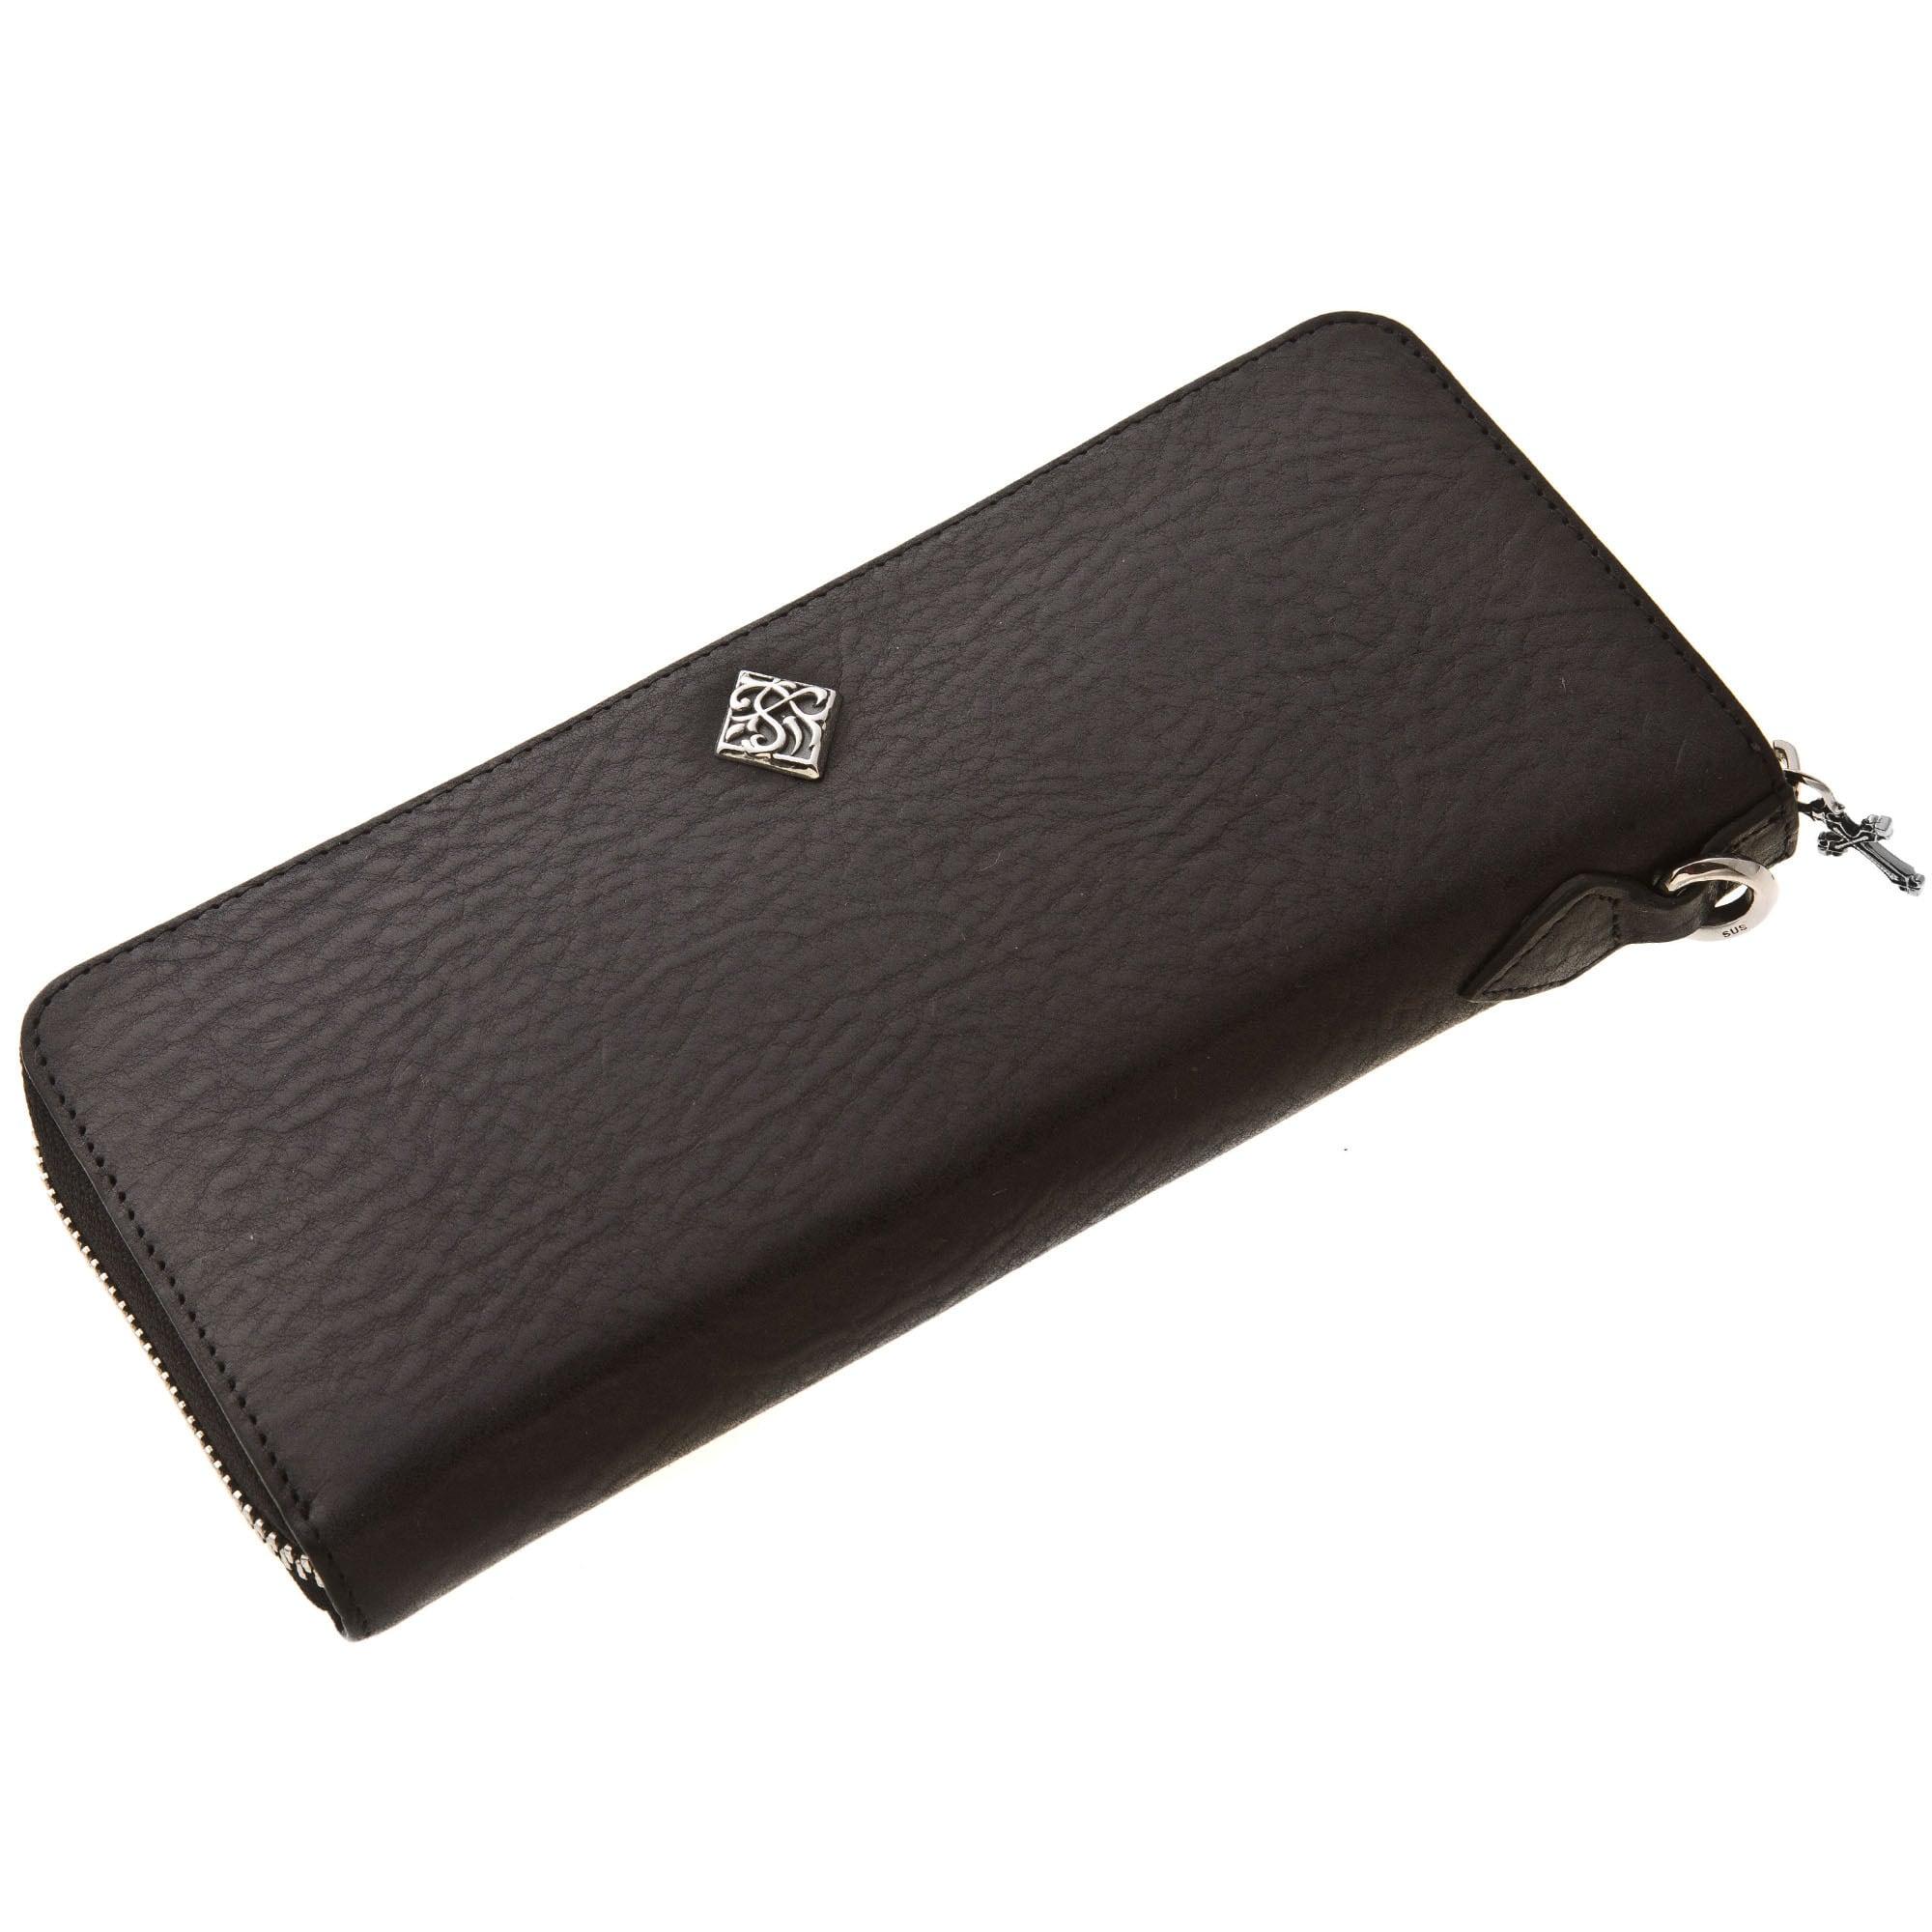 イタリアンレザージップウォレット ACW0011 Italian leather zip wallet